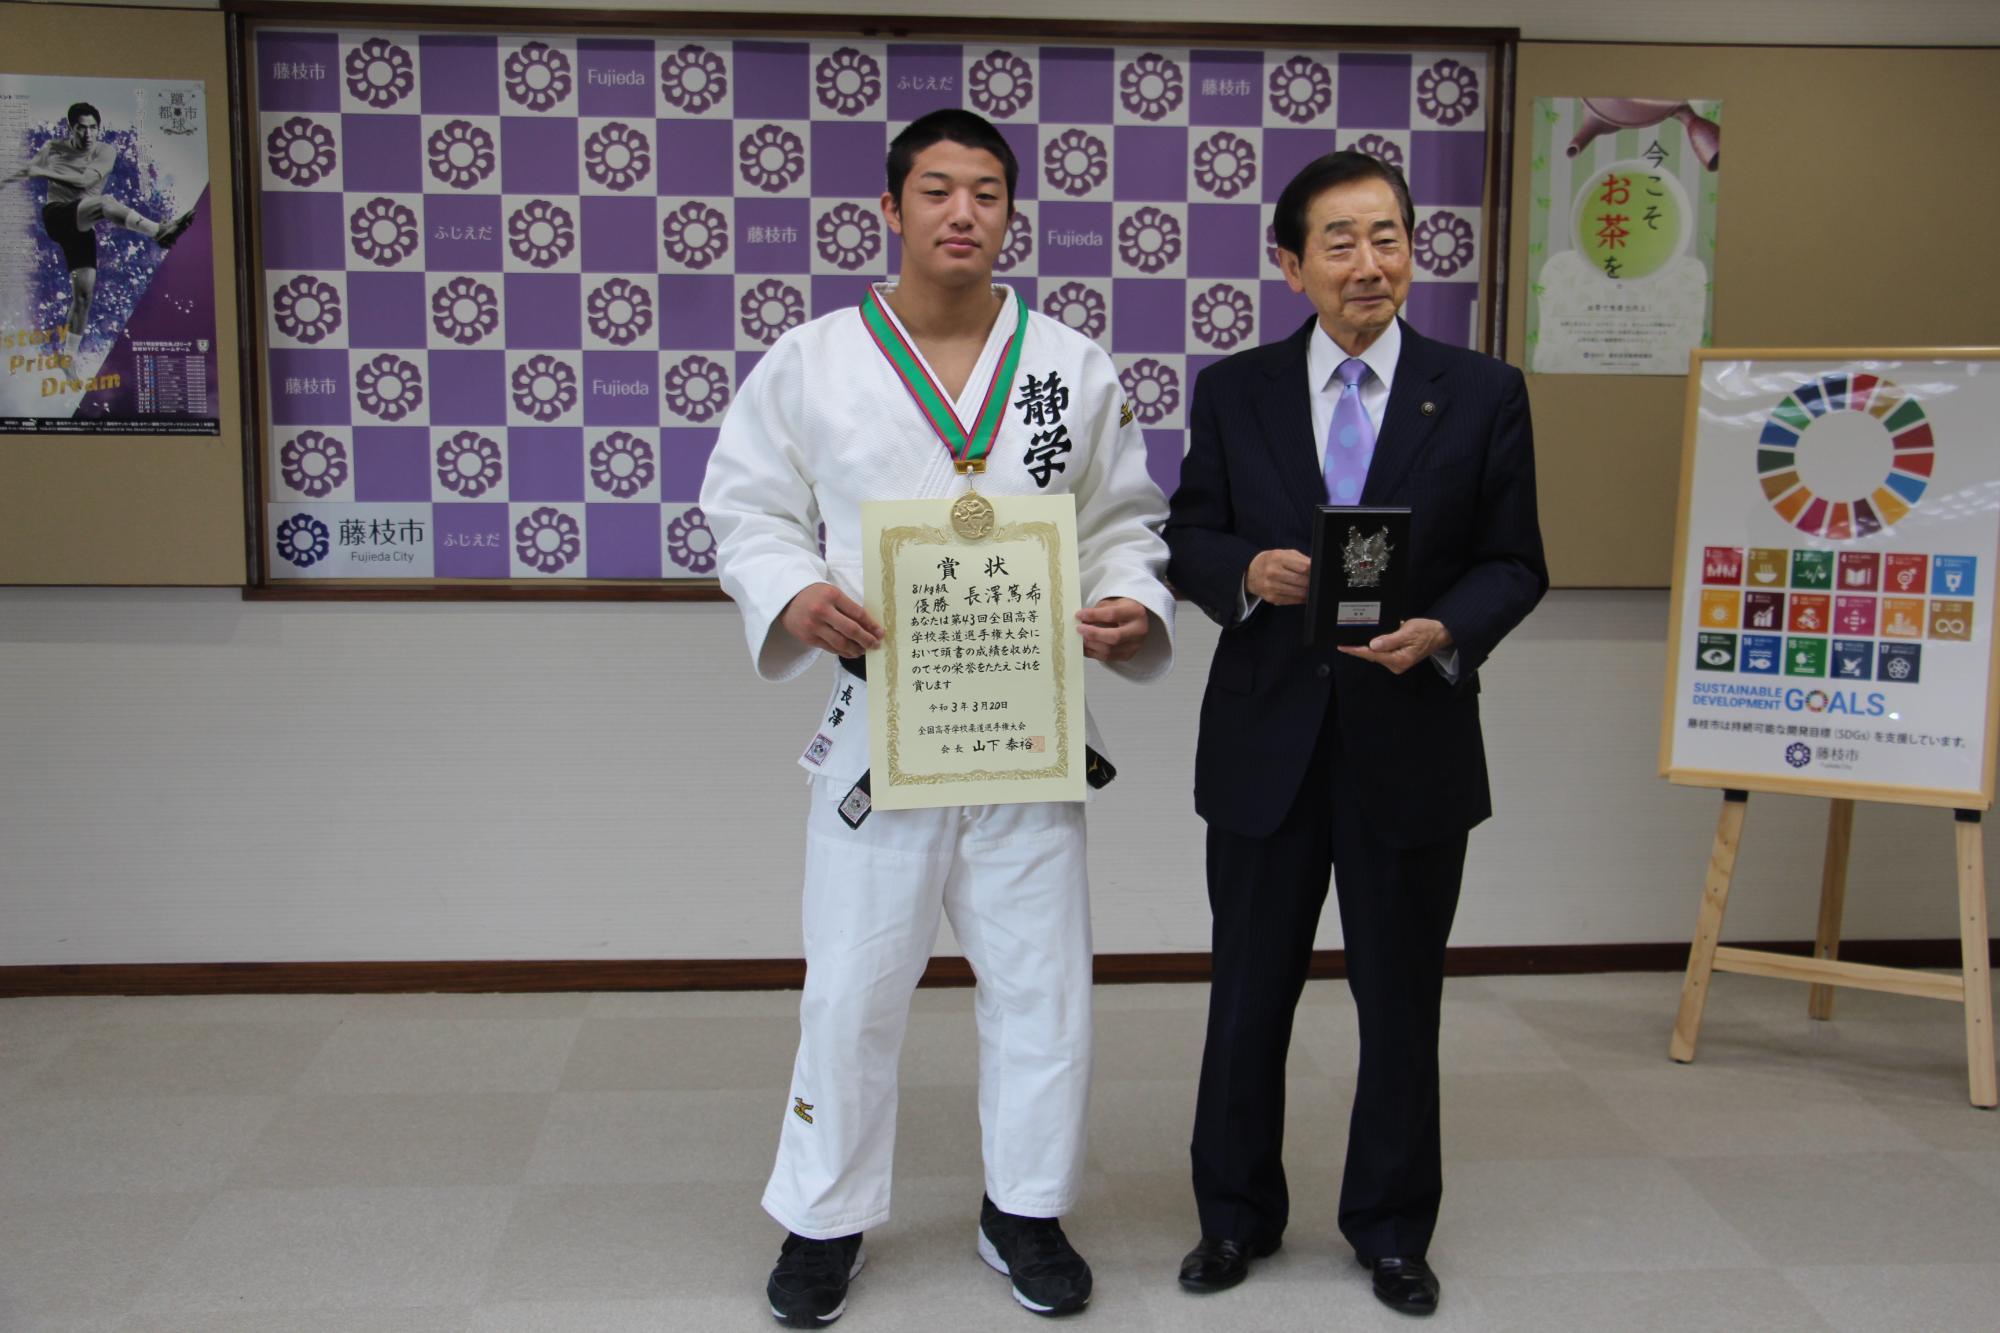 静岡学園高校3年生(青島東小、藤枝柔道クラブ出身)の長澤篤希選手が市長を表敬訪問しました